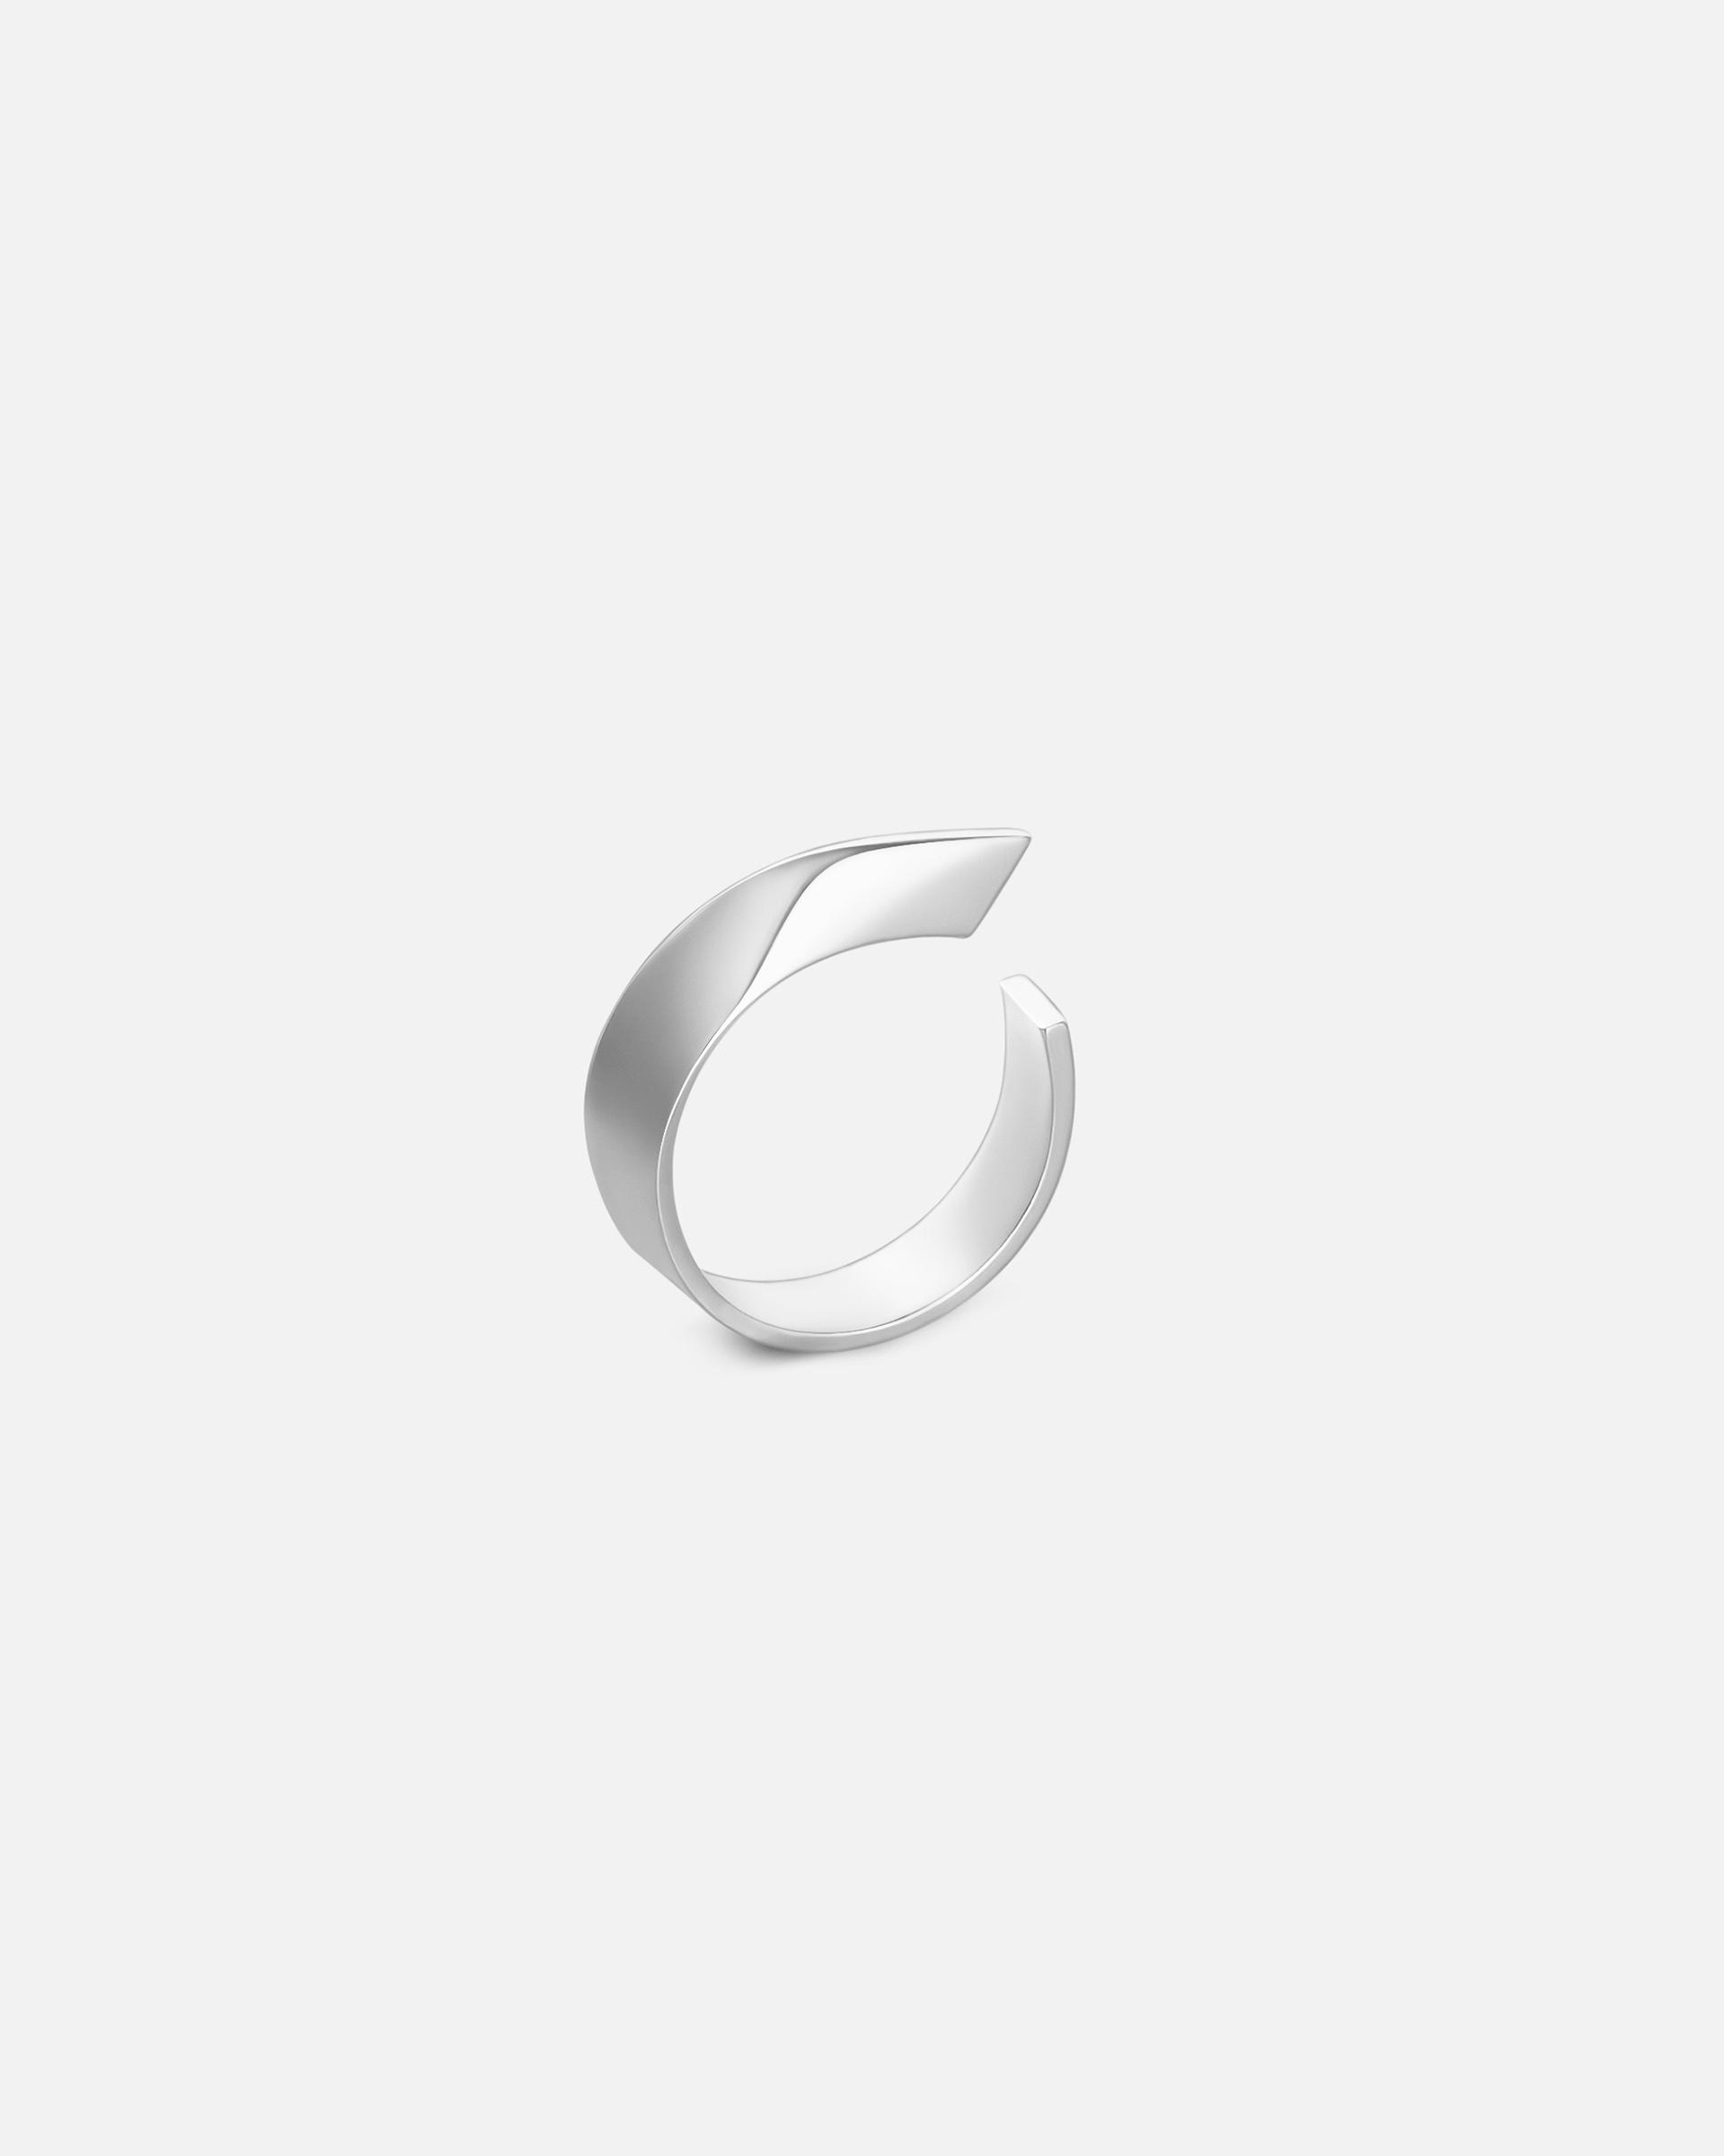 Кольцо «Эфир» смотрящее в правую сторону